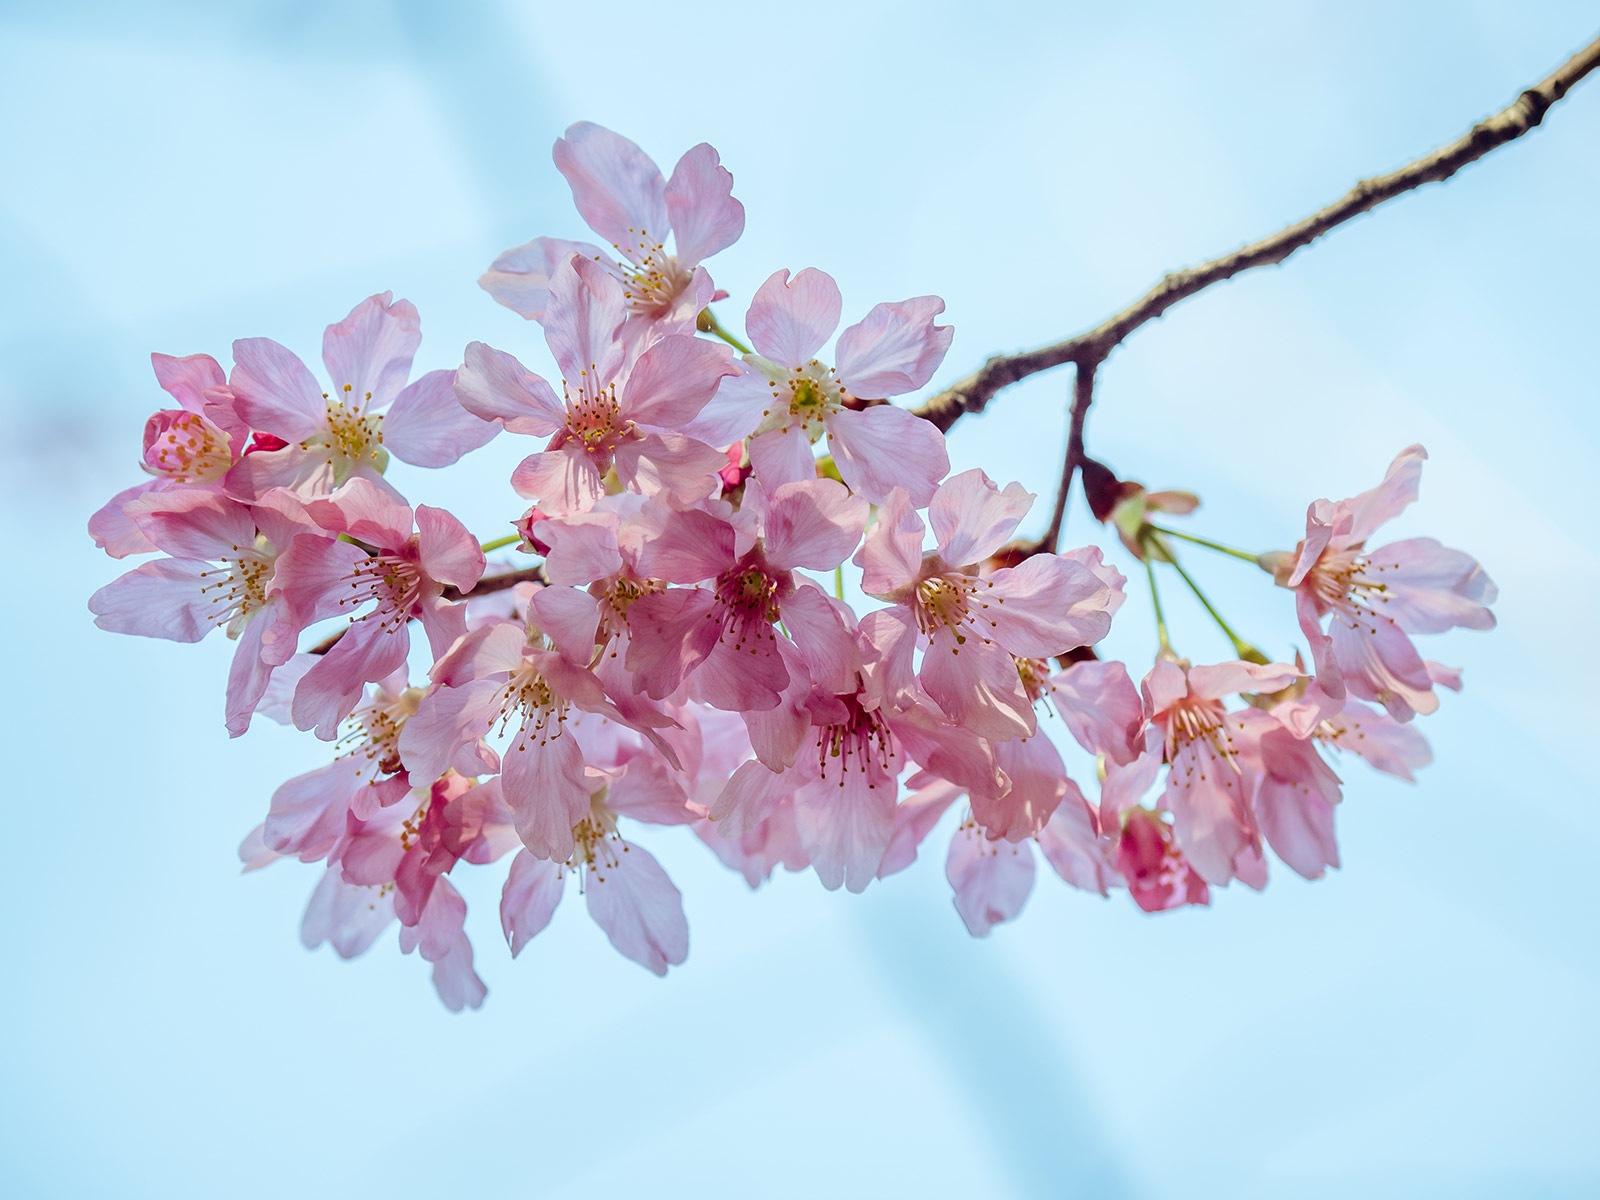 薄透粉櫻_Pink Sakura with thin flower petals by Dark Tower